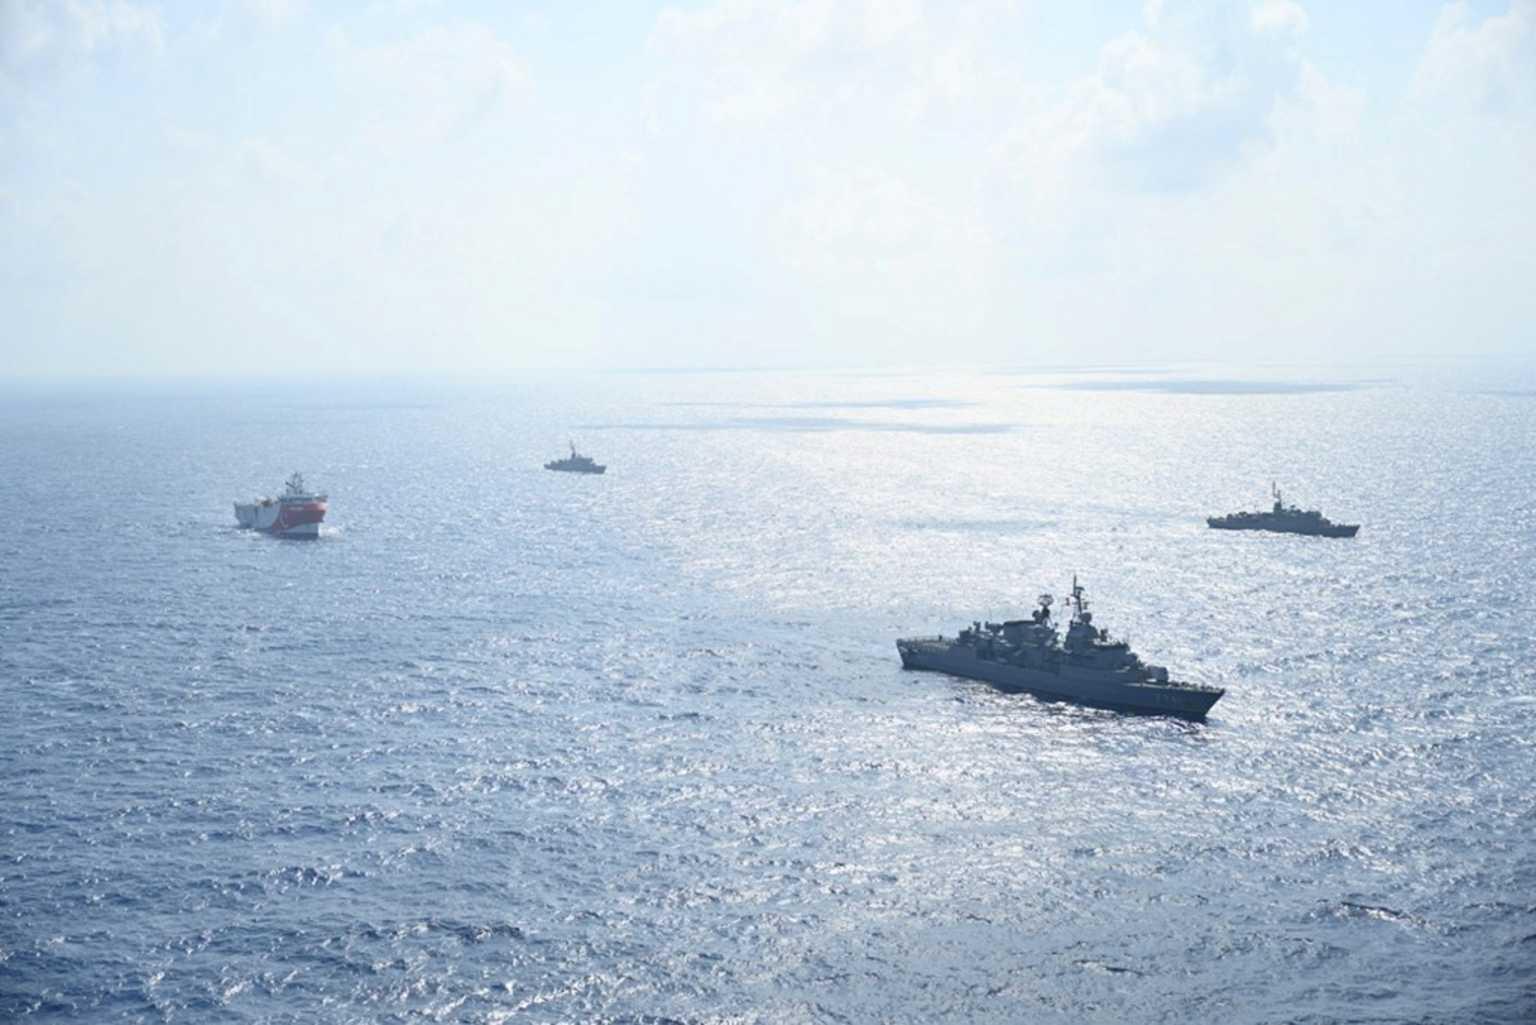 Οργή ΥΠΕΞ: Να ανακαλέσει άμεσα η Τουρκία την παράνομη NAVTEX – Αντι-Navtex  της Ελλάδας στις έρευνες του Oruc Reis νότια του Καστελόριζου